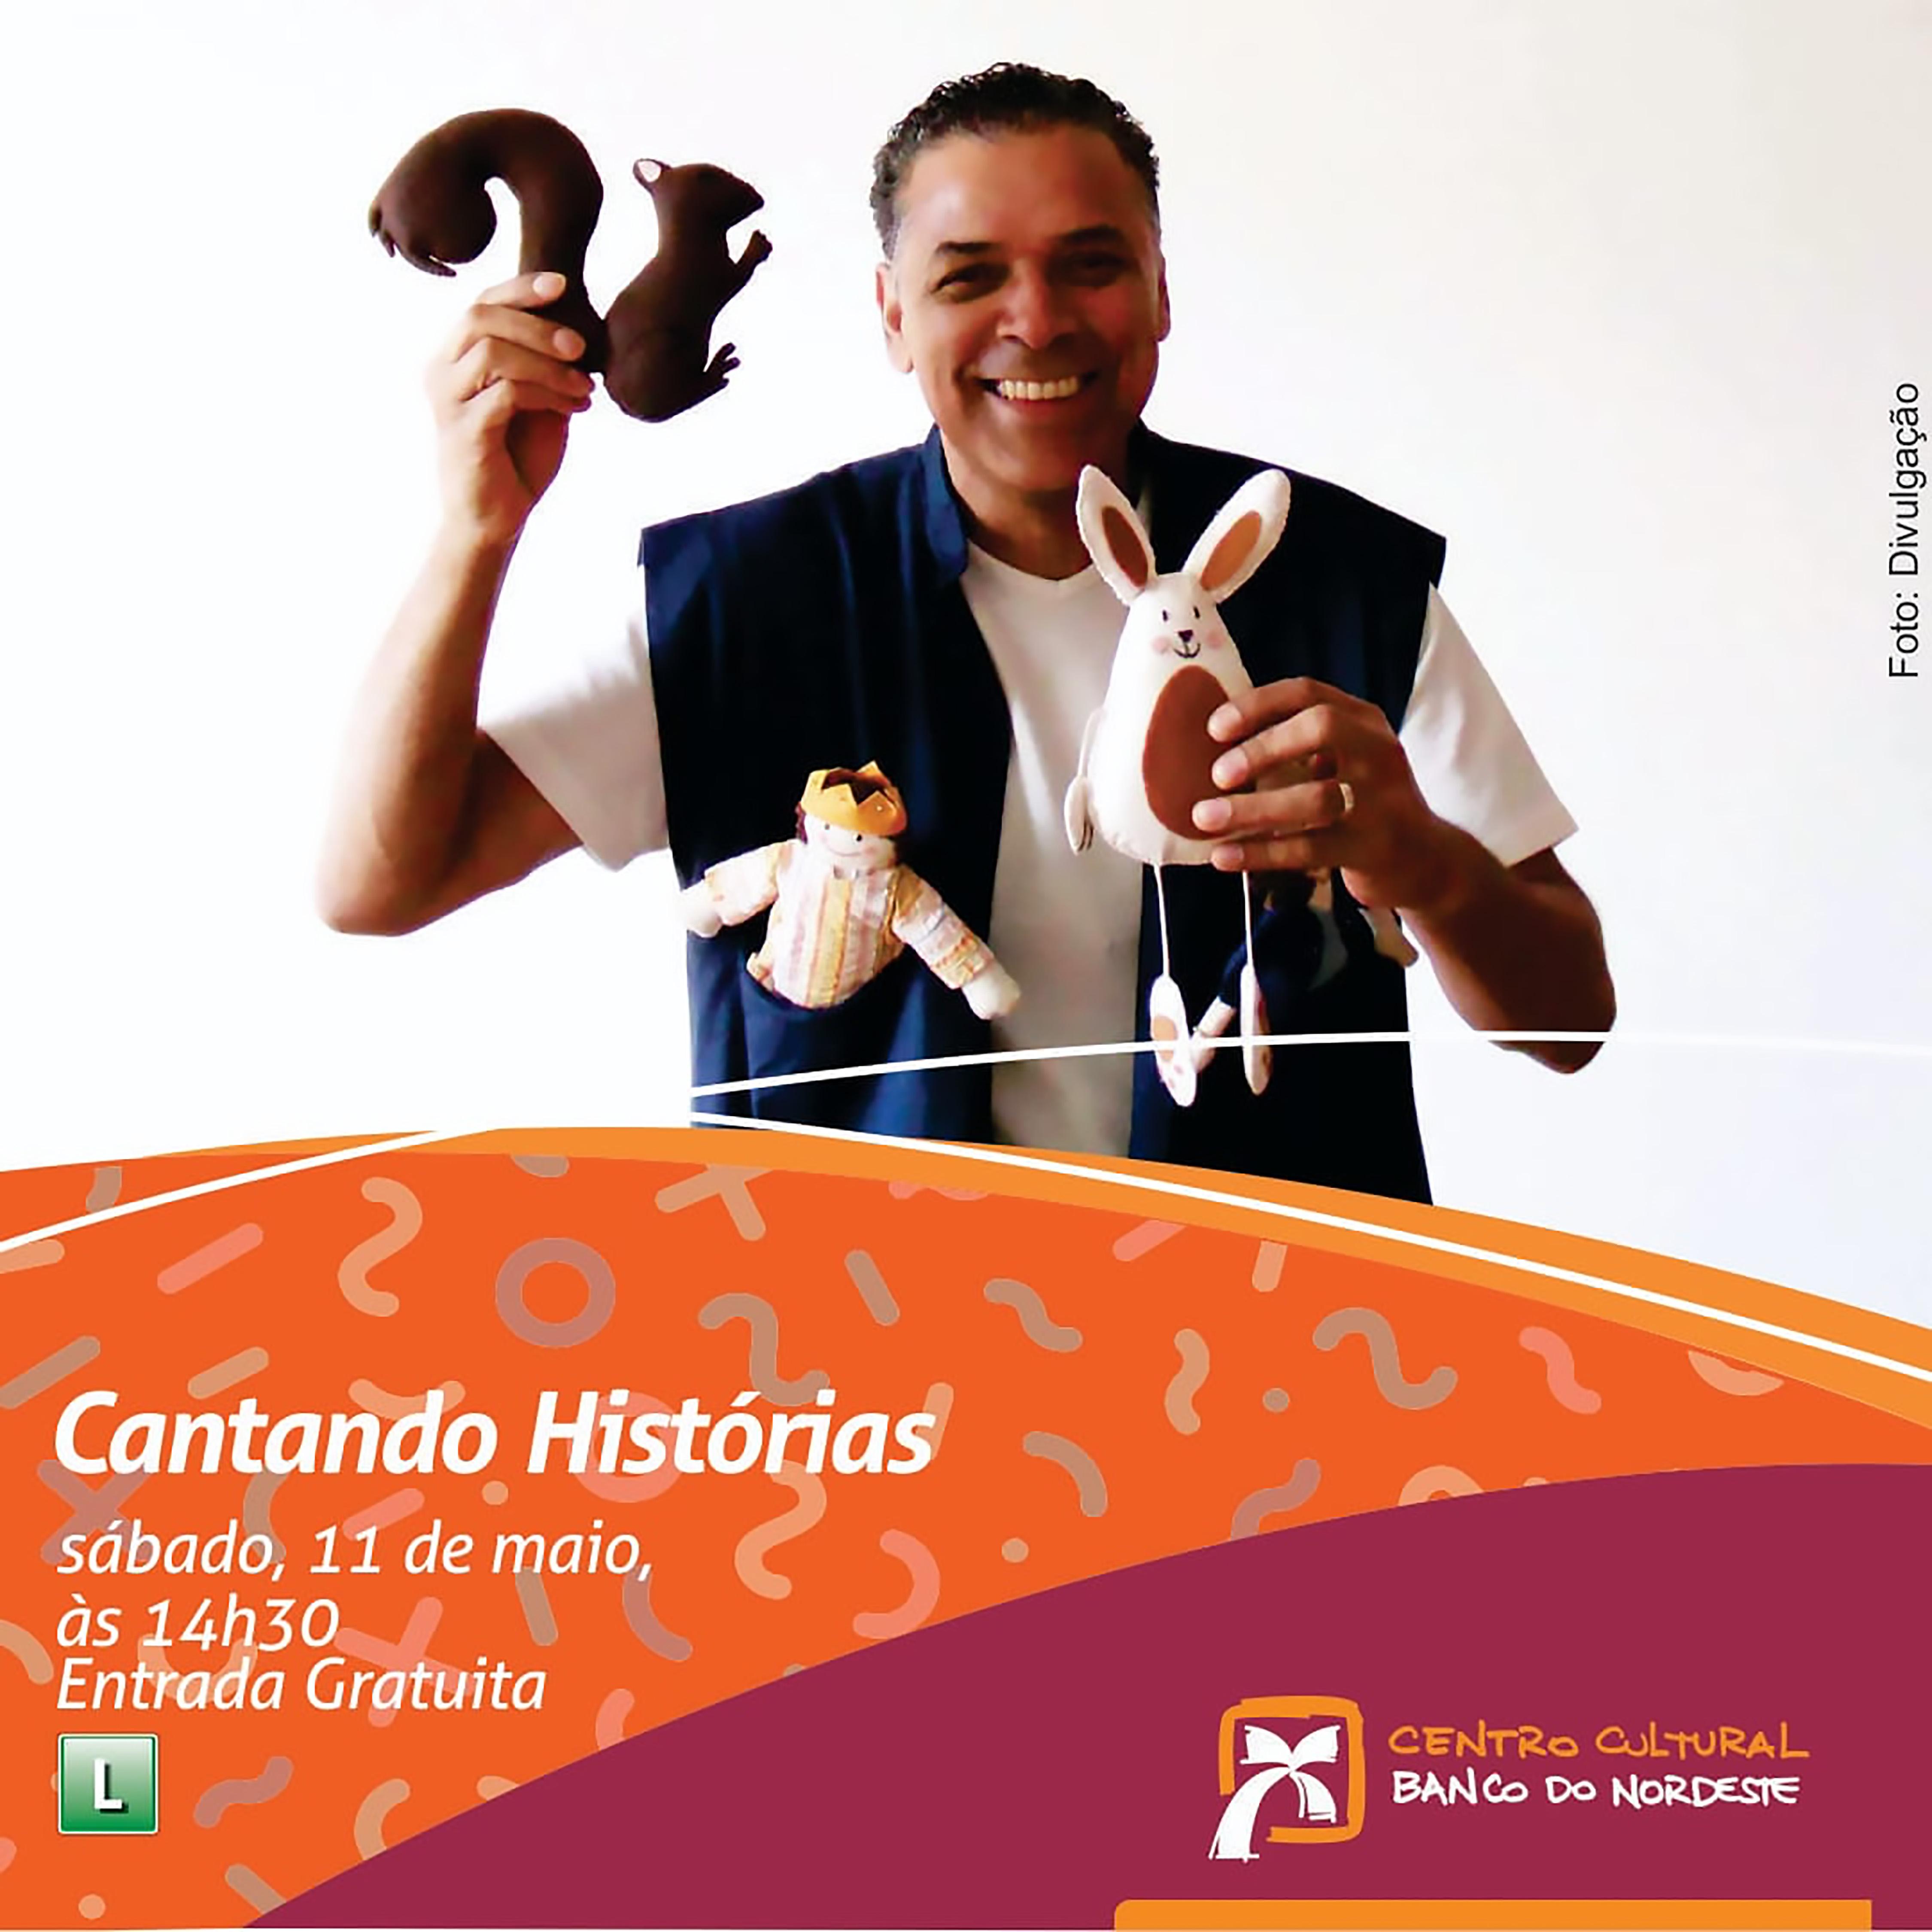 Centro Cultural Banco do Nordeste